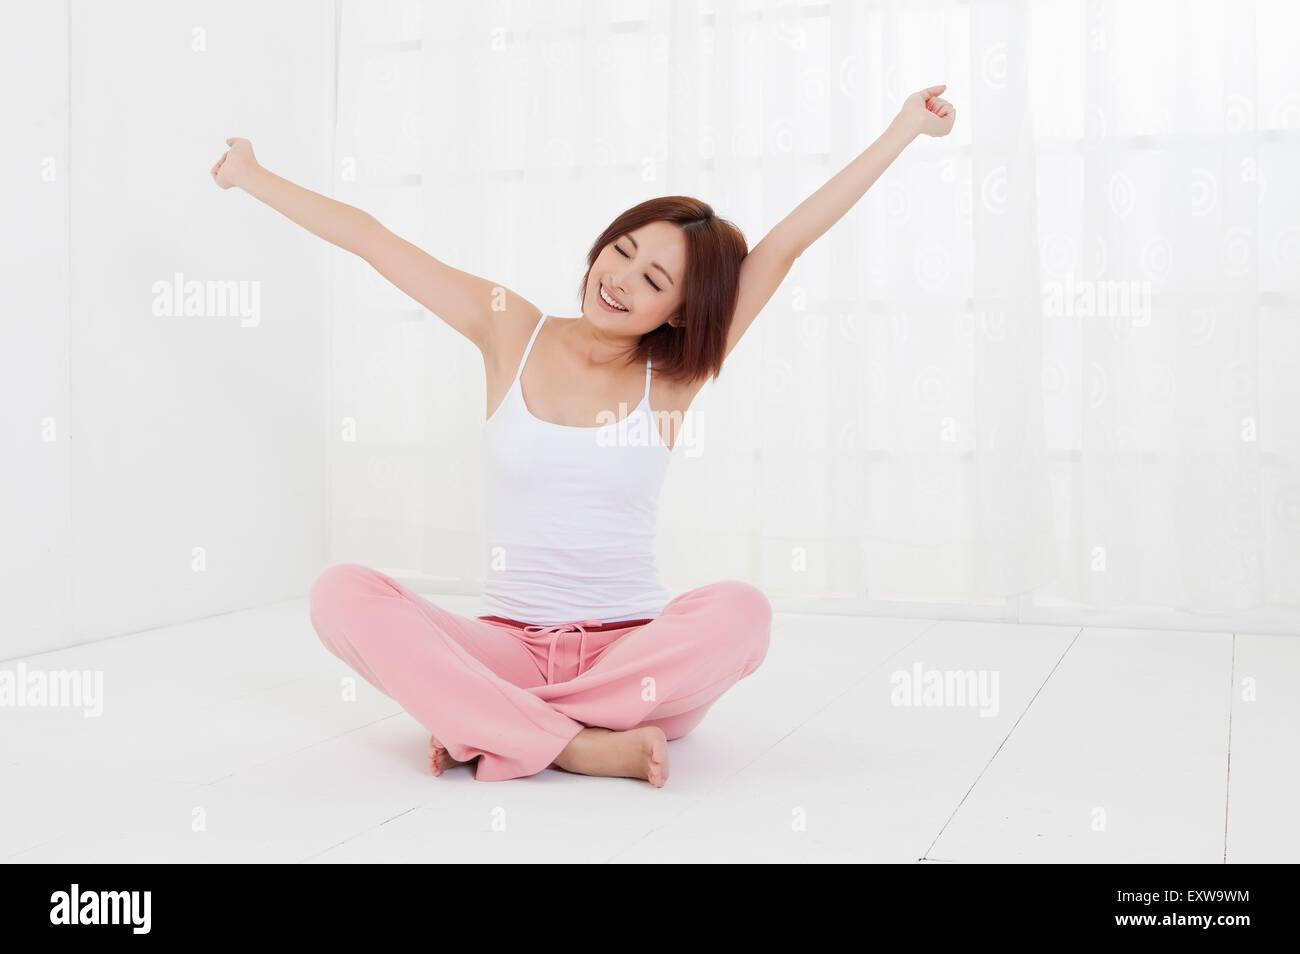 Giovane donna seduta sul pavimento con le braccia aperte, Immagini Stock